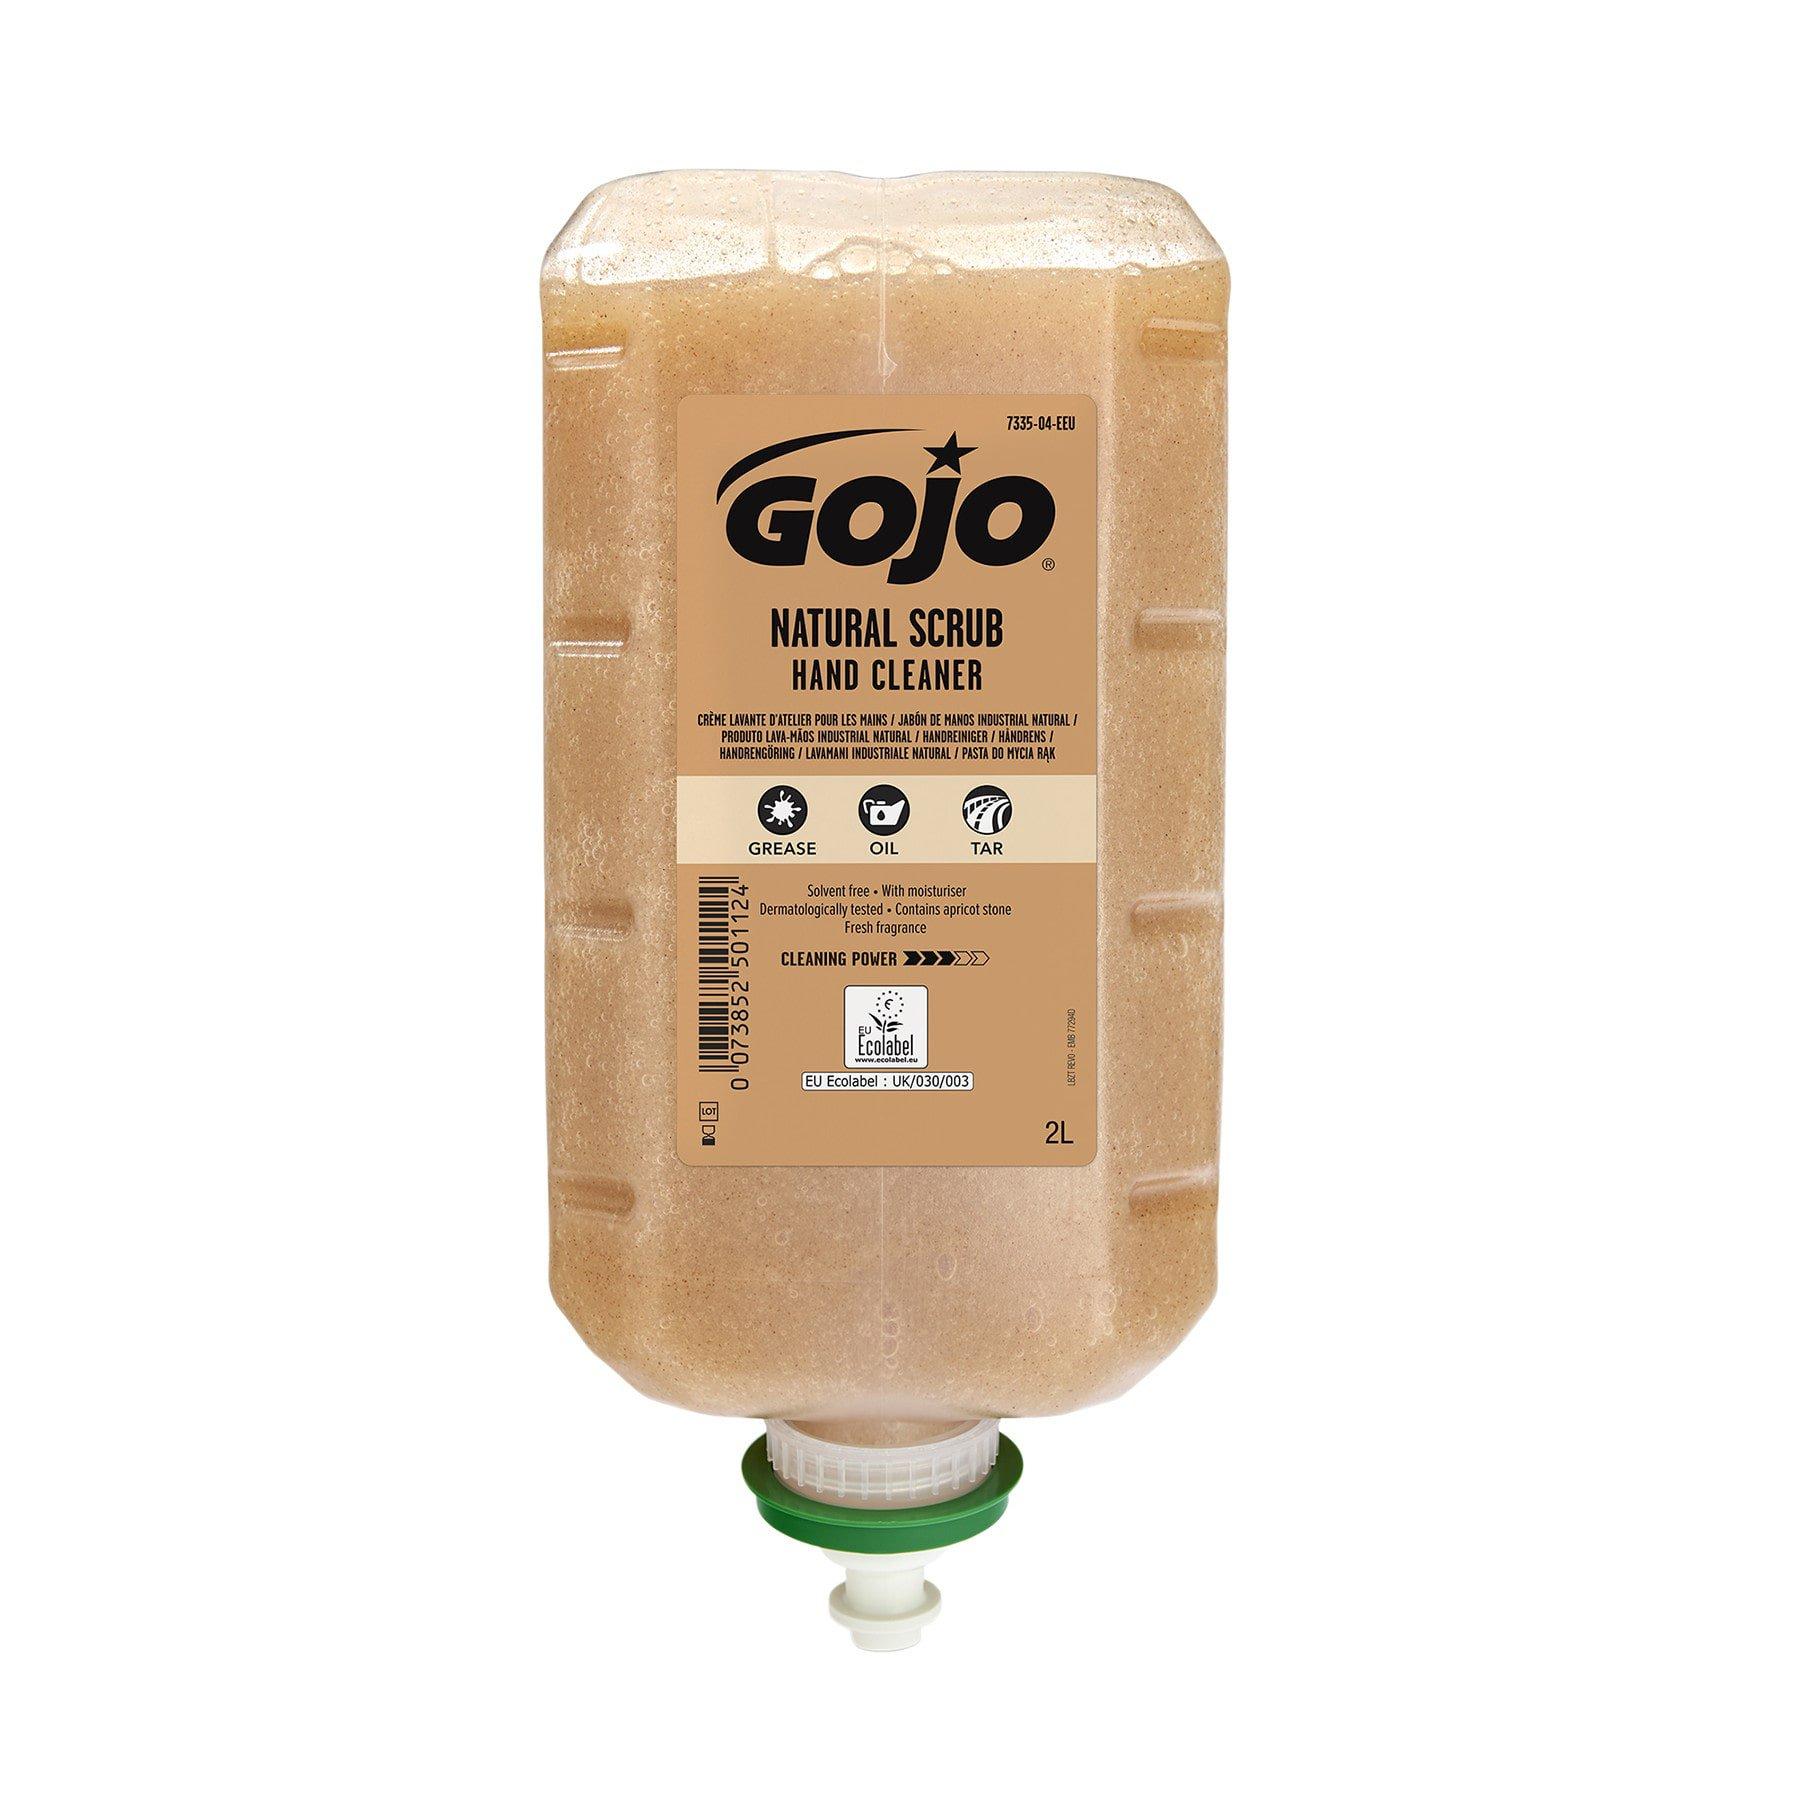 Gojo Natural Scrub handreiniger 4 x 2 liter